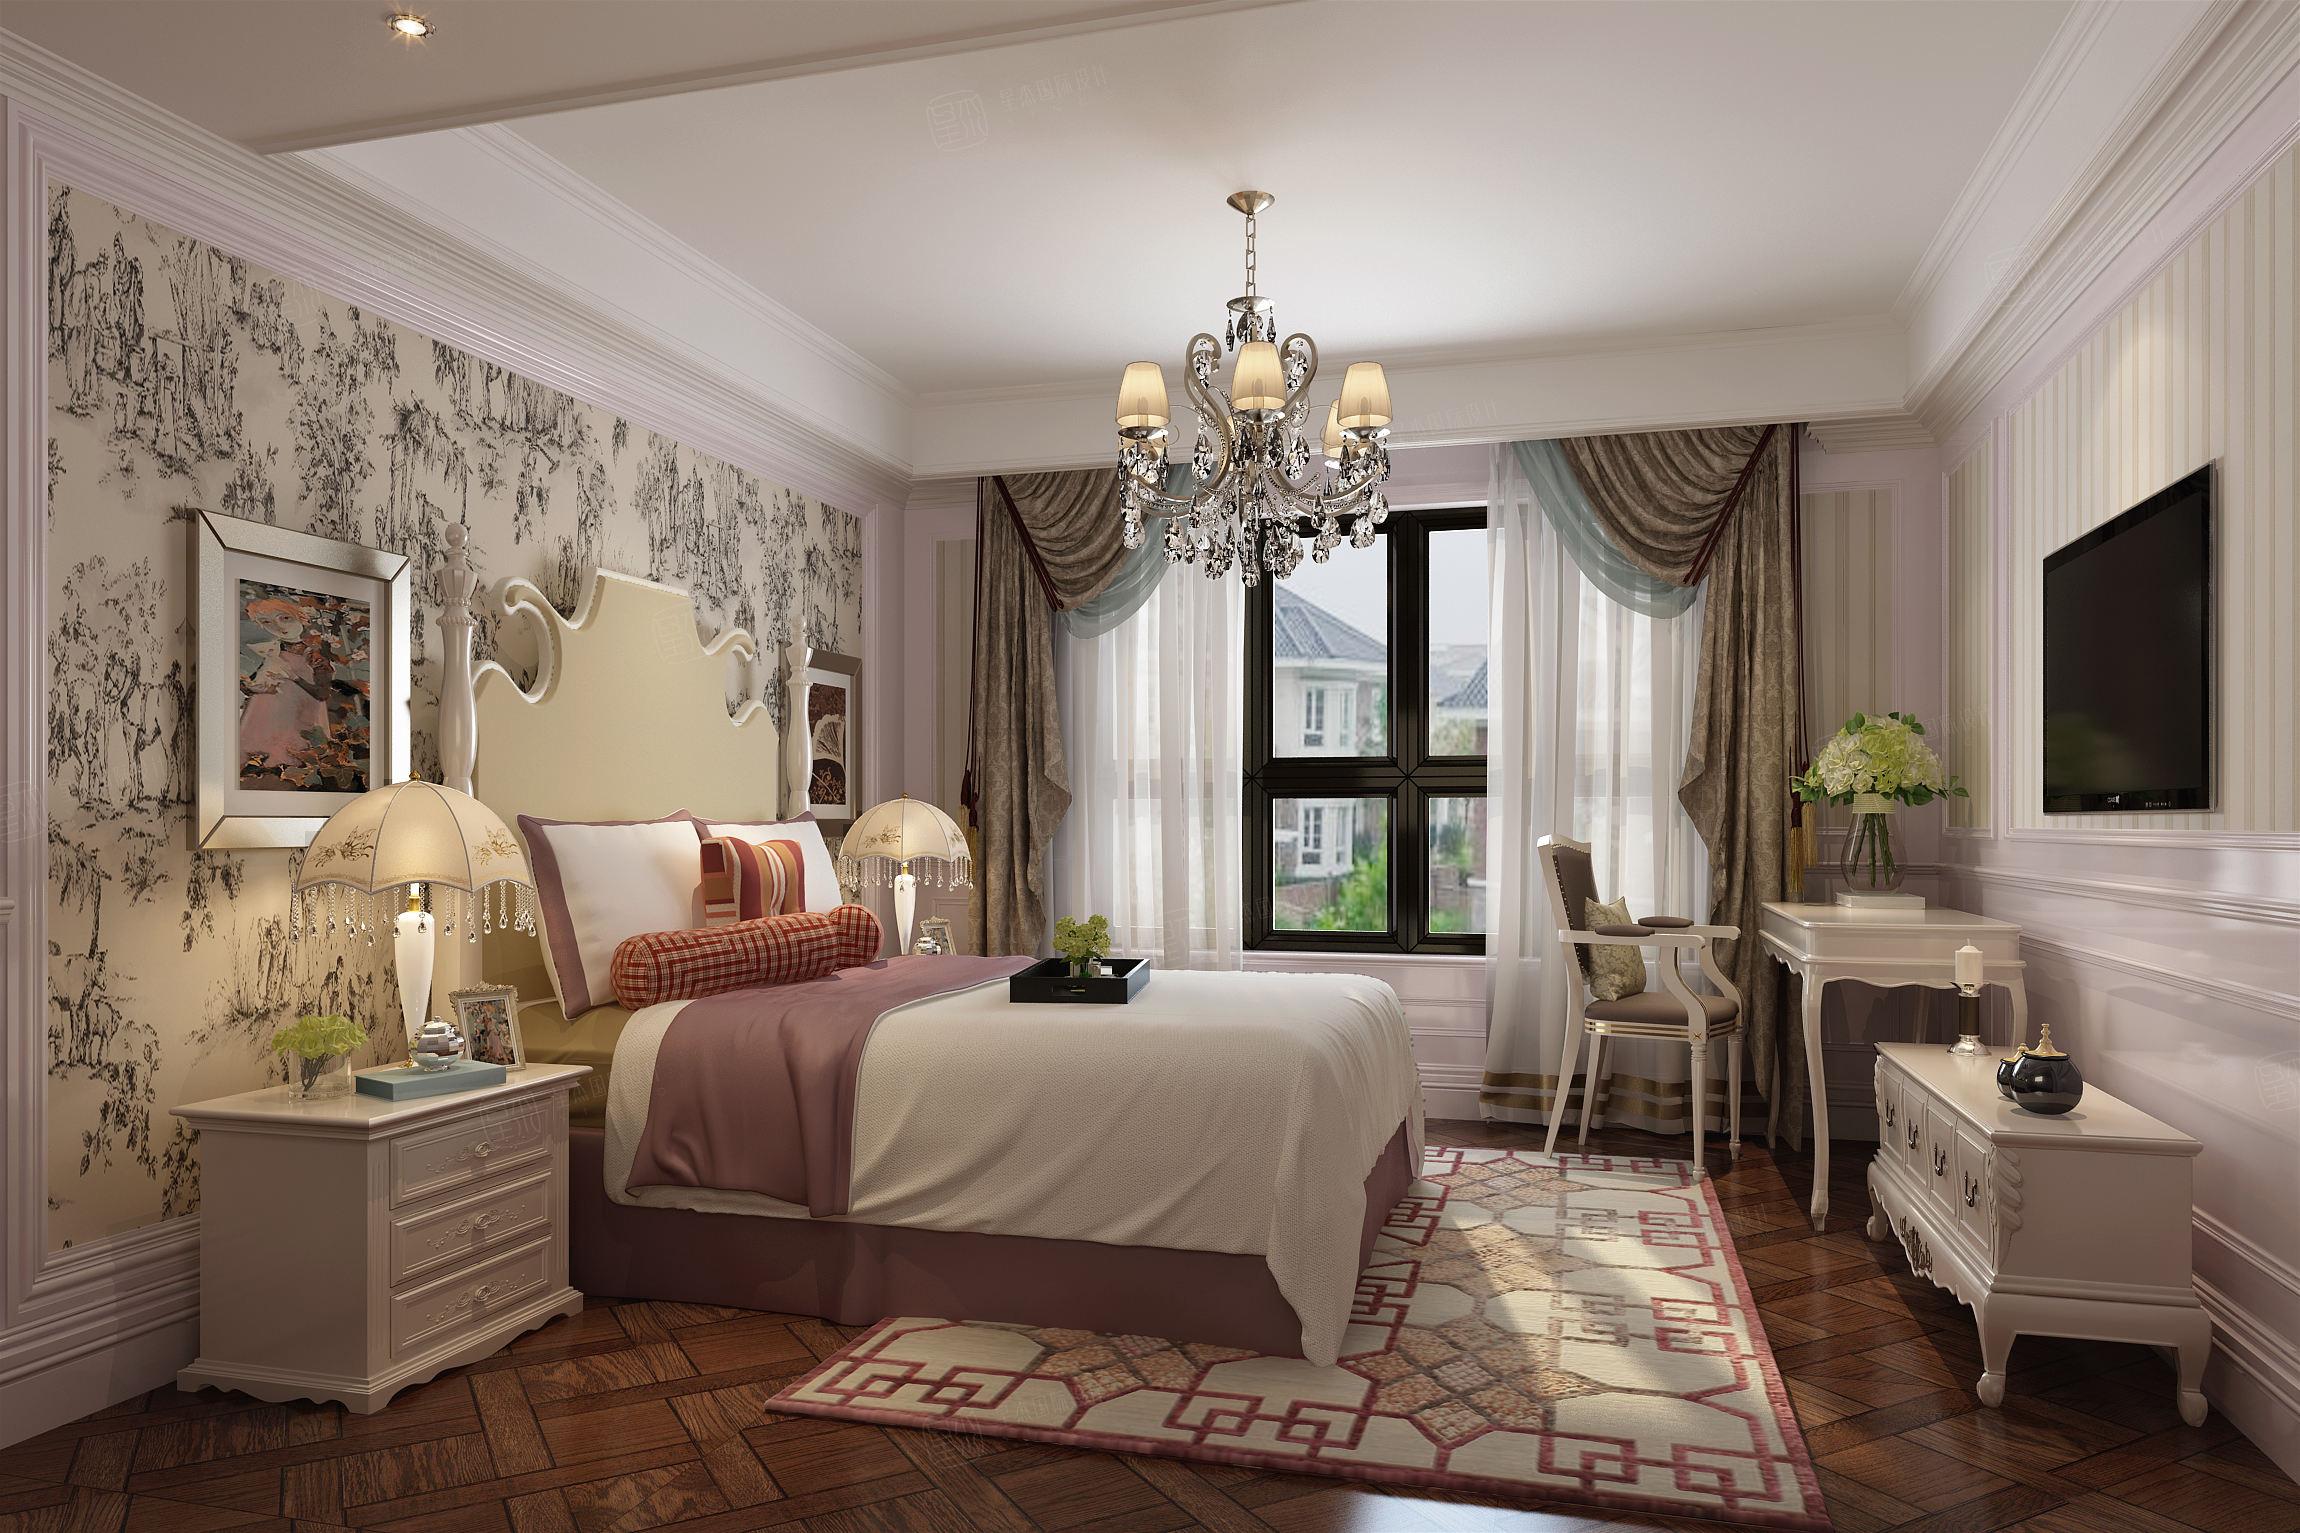 泰馨苑 新中式装修床效果图